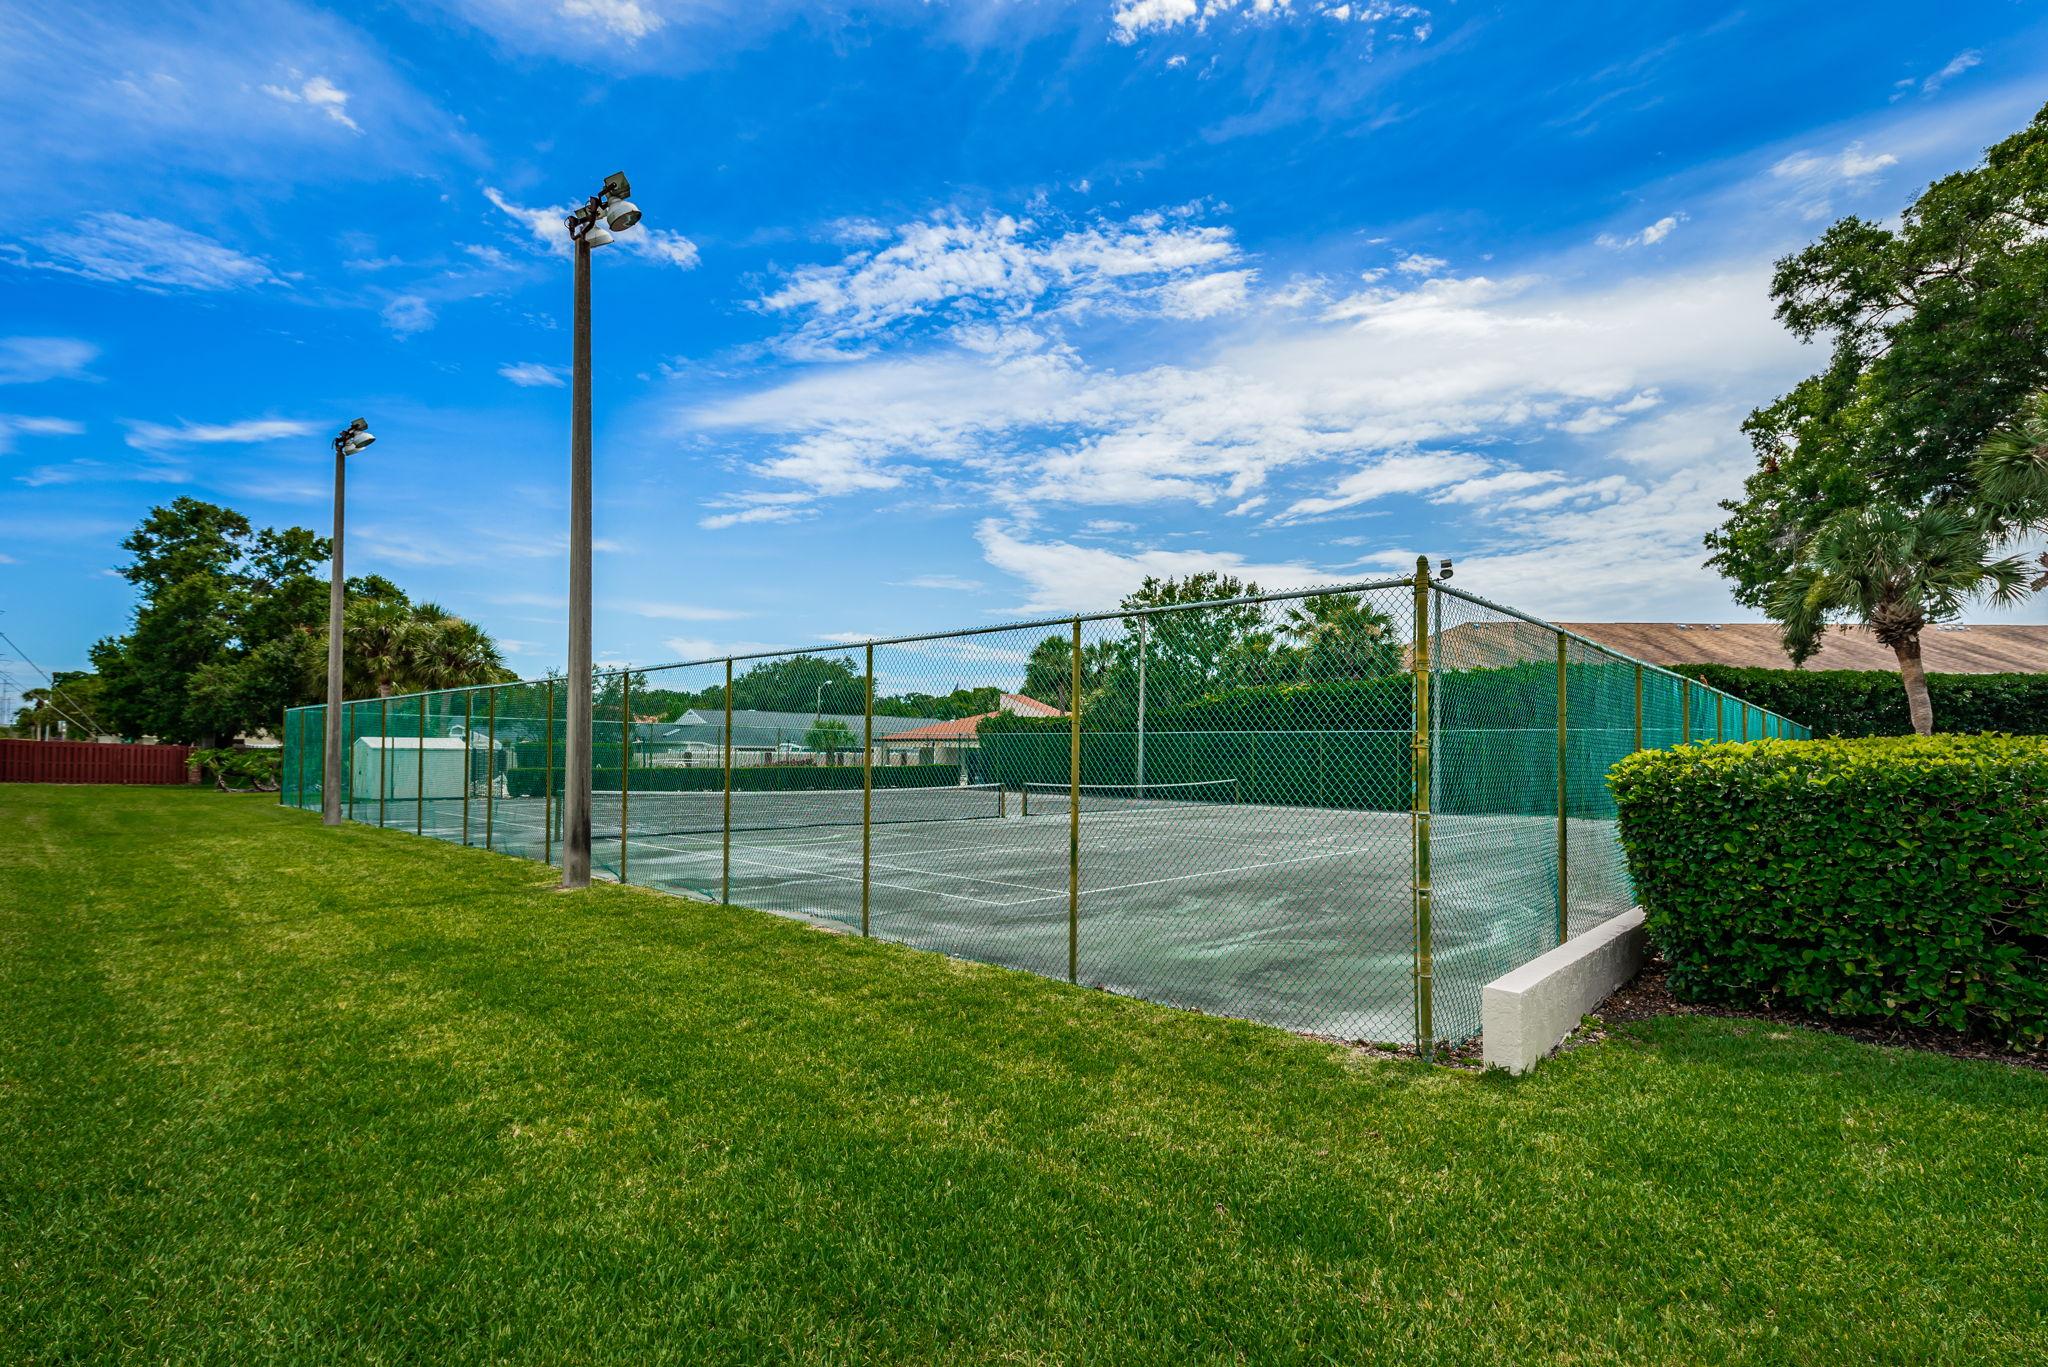 7-Tennis Court